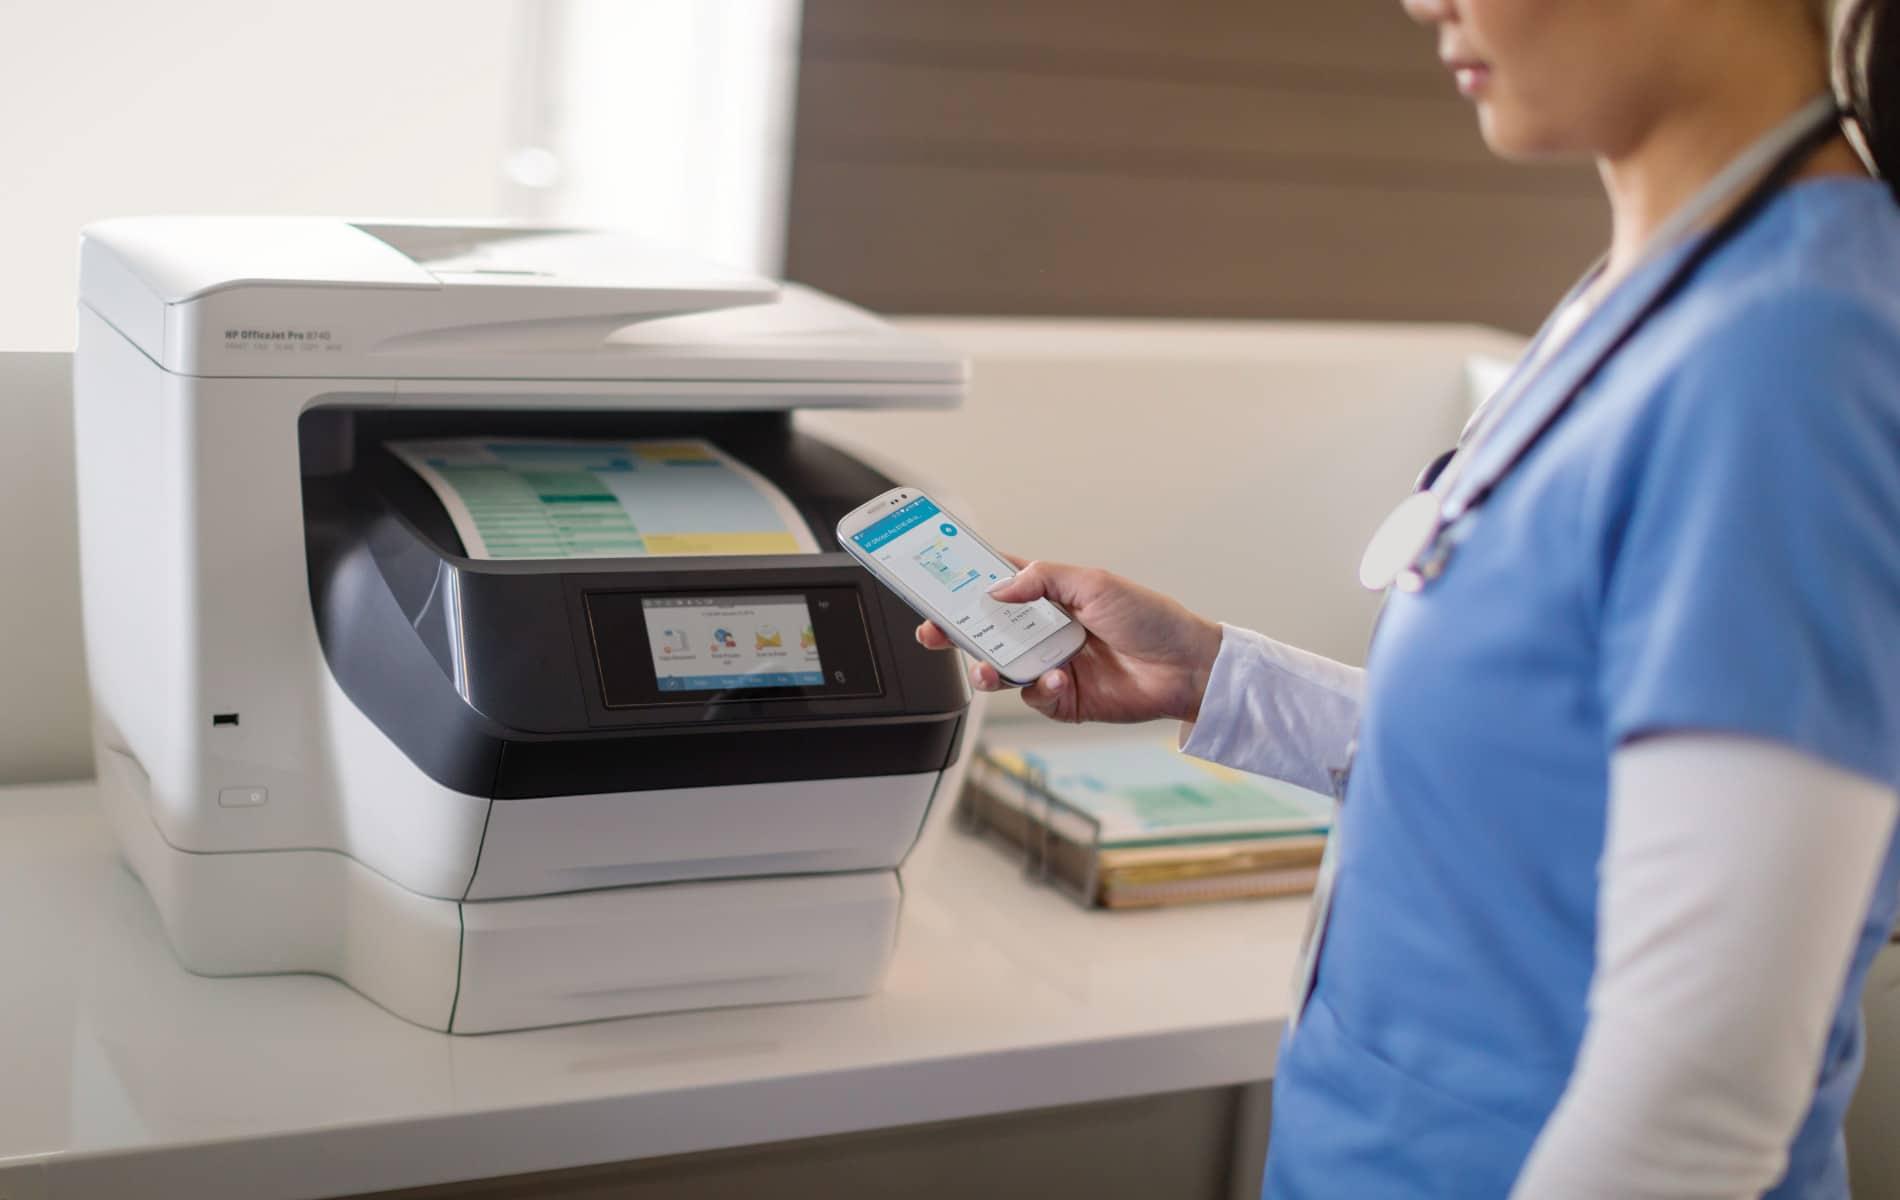 Treiber | Mobiles Drucken bzw. treiberloses Drucken ist in vielen Branchen. mittlerweile Standard.